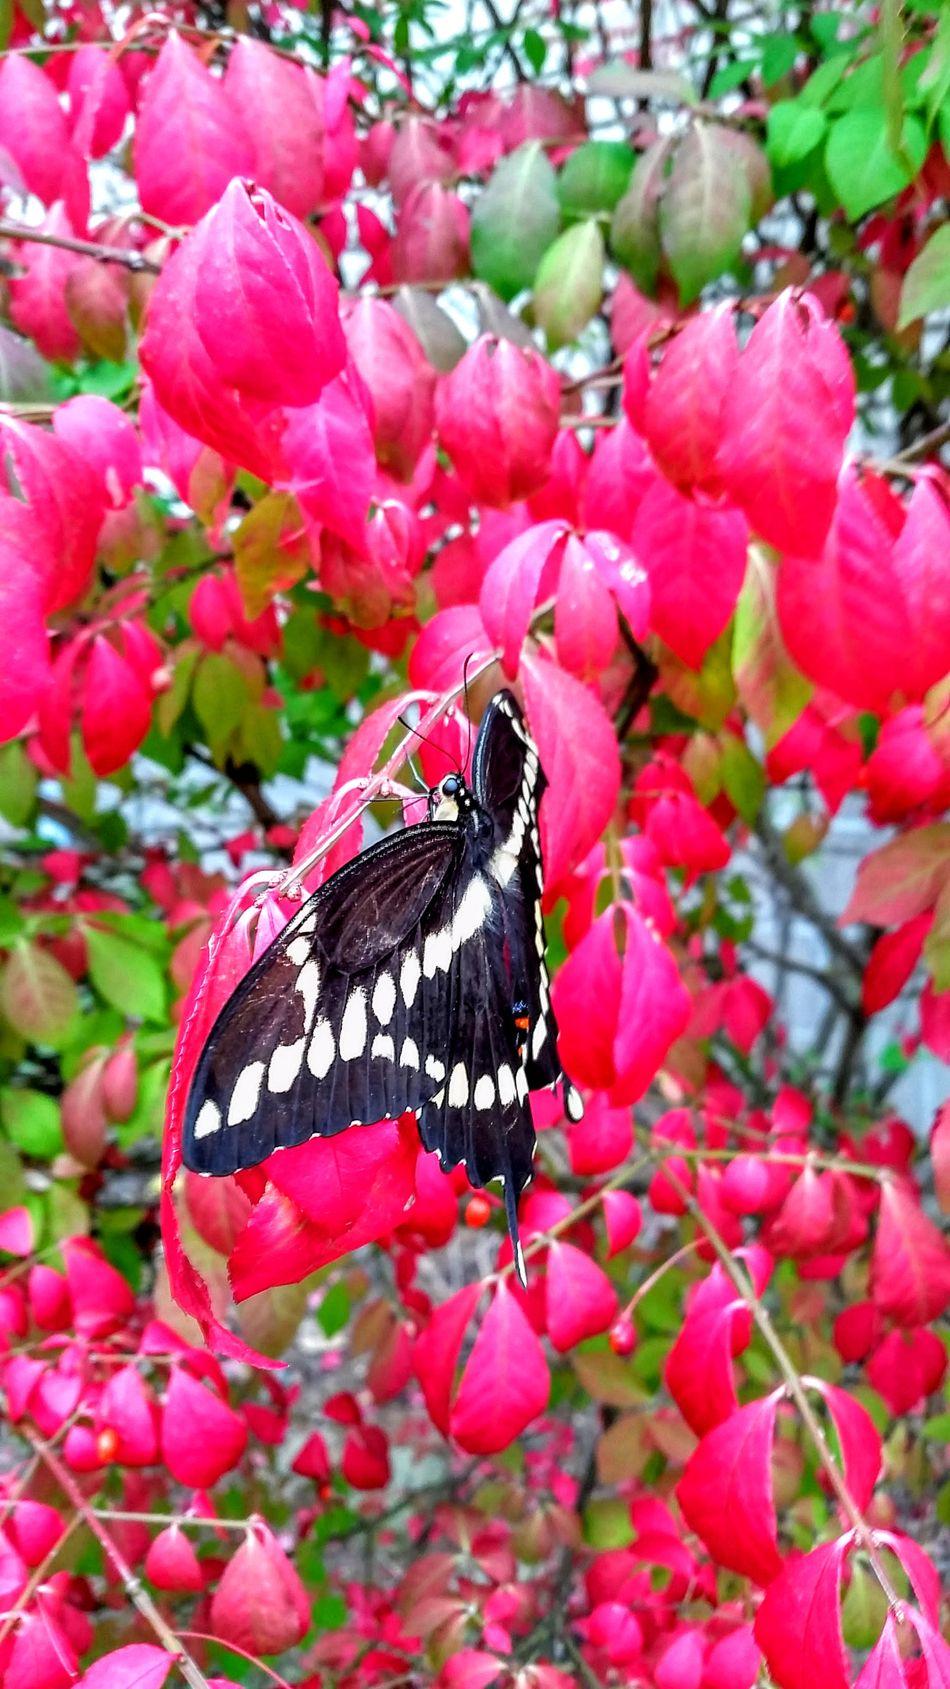 Eyemnaturelover Eyemphotos Eyem Best Shots Nature_collection Eyeemphotography Leafs 🍃 Flowers Of EyeEm Branches Millennial Pink Nature Close-up Beauty In Nature